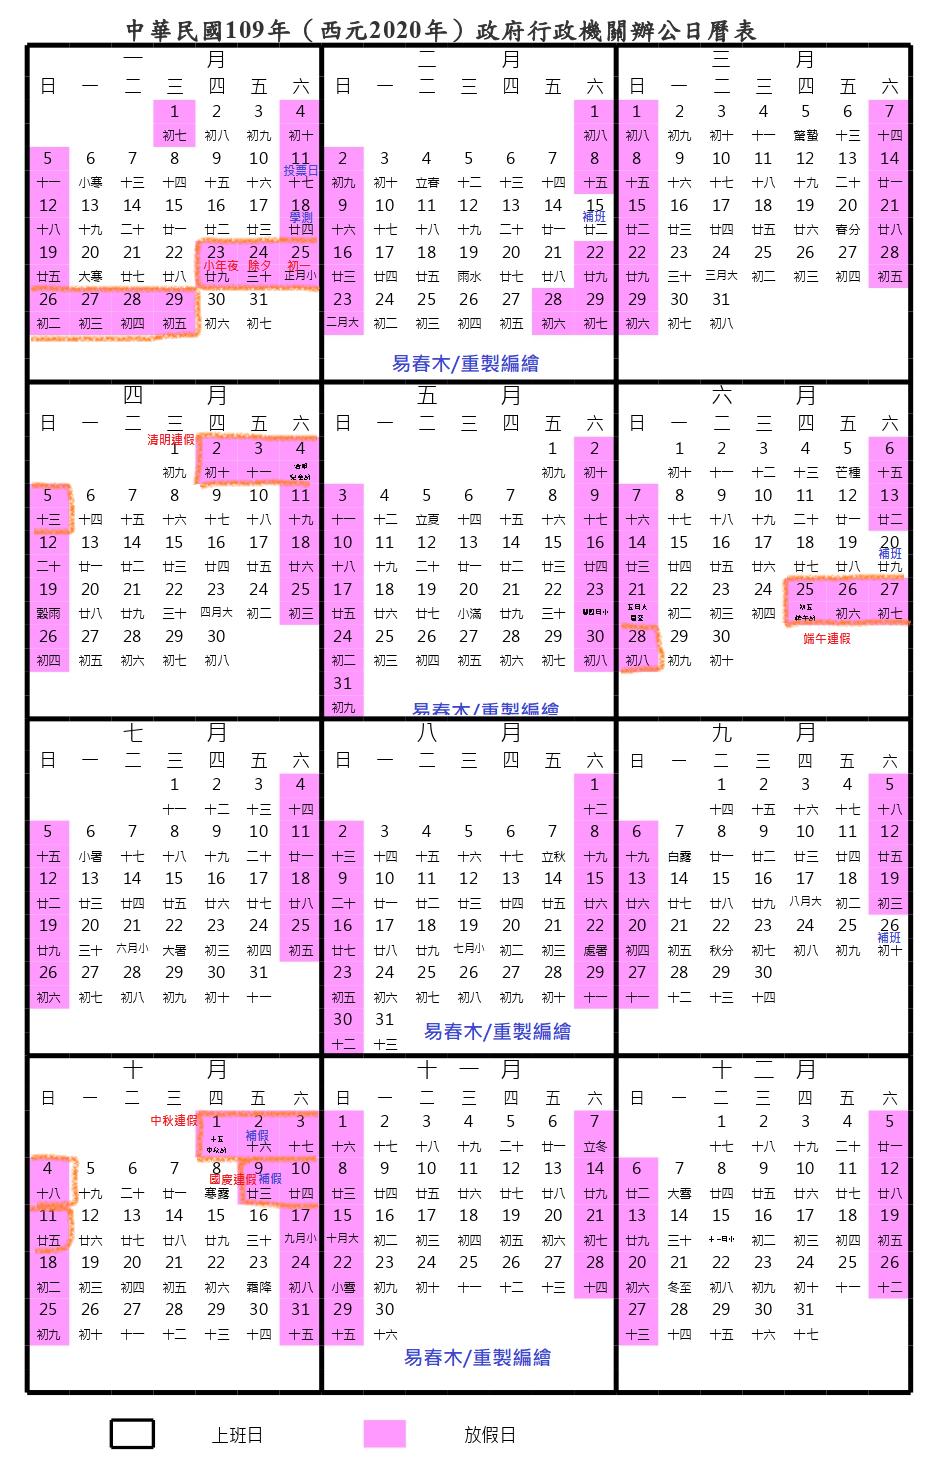 2020行事曆 中華民國109年更新版《行政院已核定人事行政局公告》 – 易春木